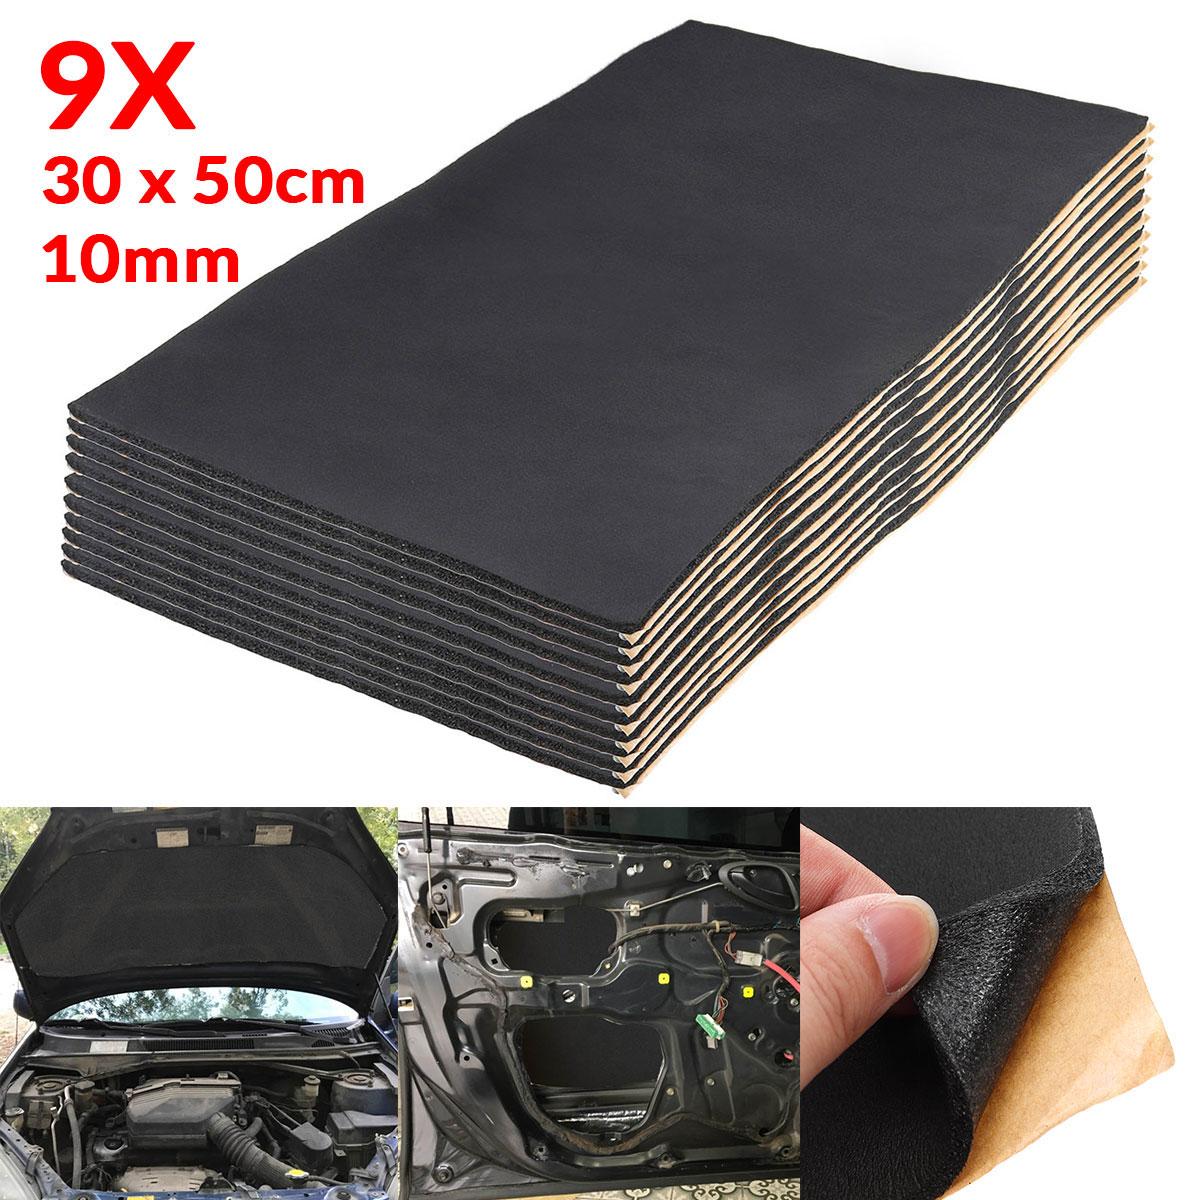 9X 1cm 0.6cm 자동차 사운드 핫 데드너 매트 소음 방지 보닛 절연 데드닝 엔진 방화벽 열 폼 코튼 스티커 30x50cm